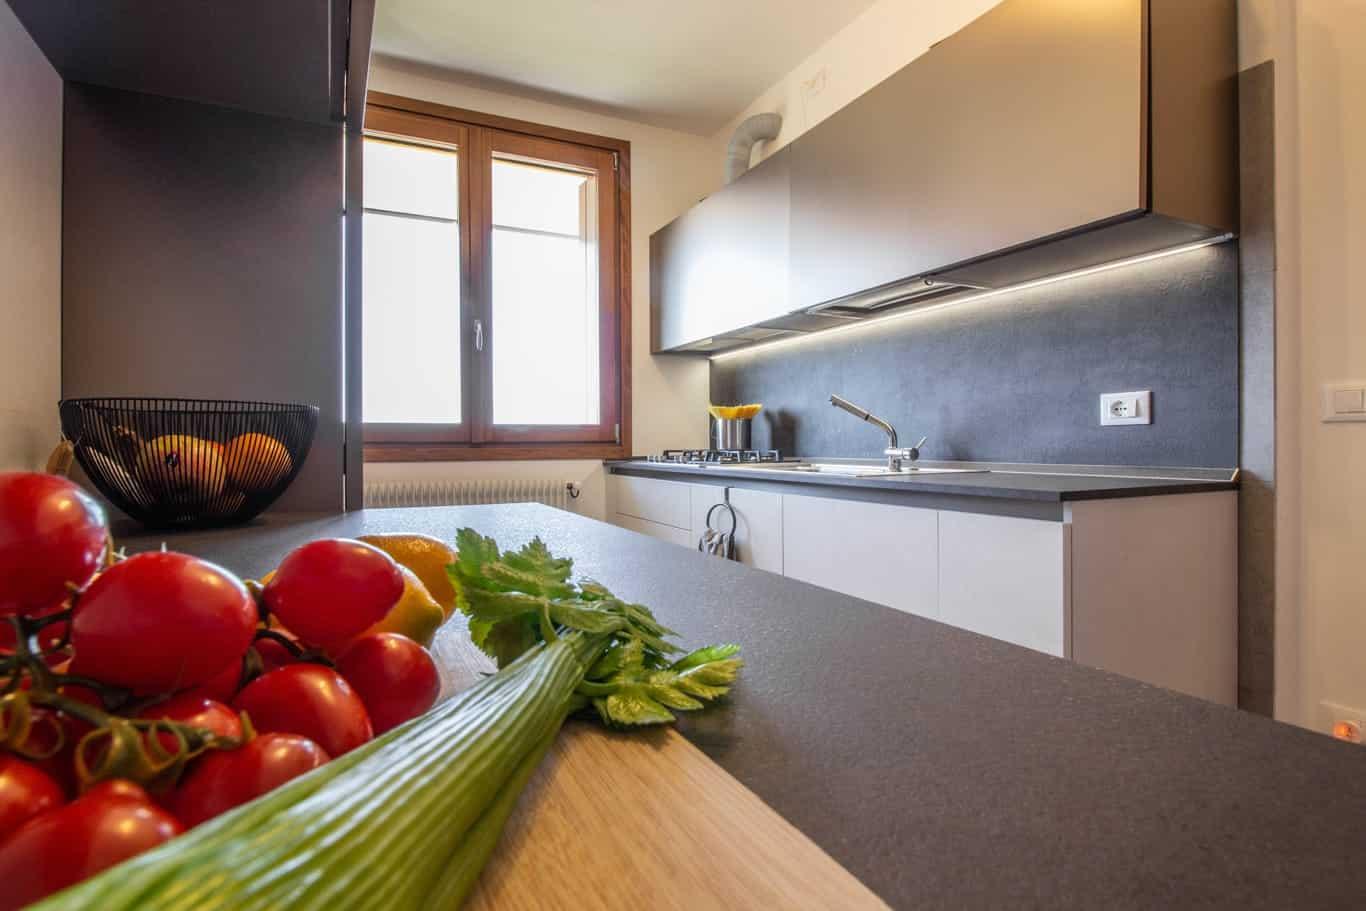 homelead-immobiliare-appartamento-vallenoncello-piazza-valle (6 of 8)